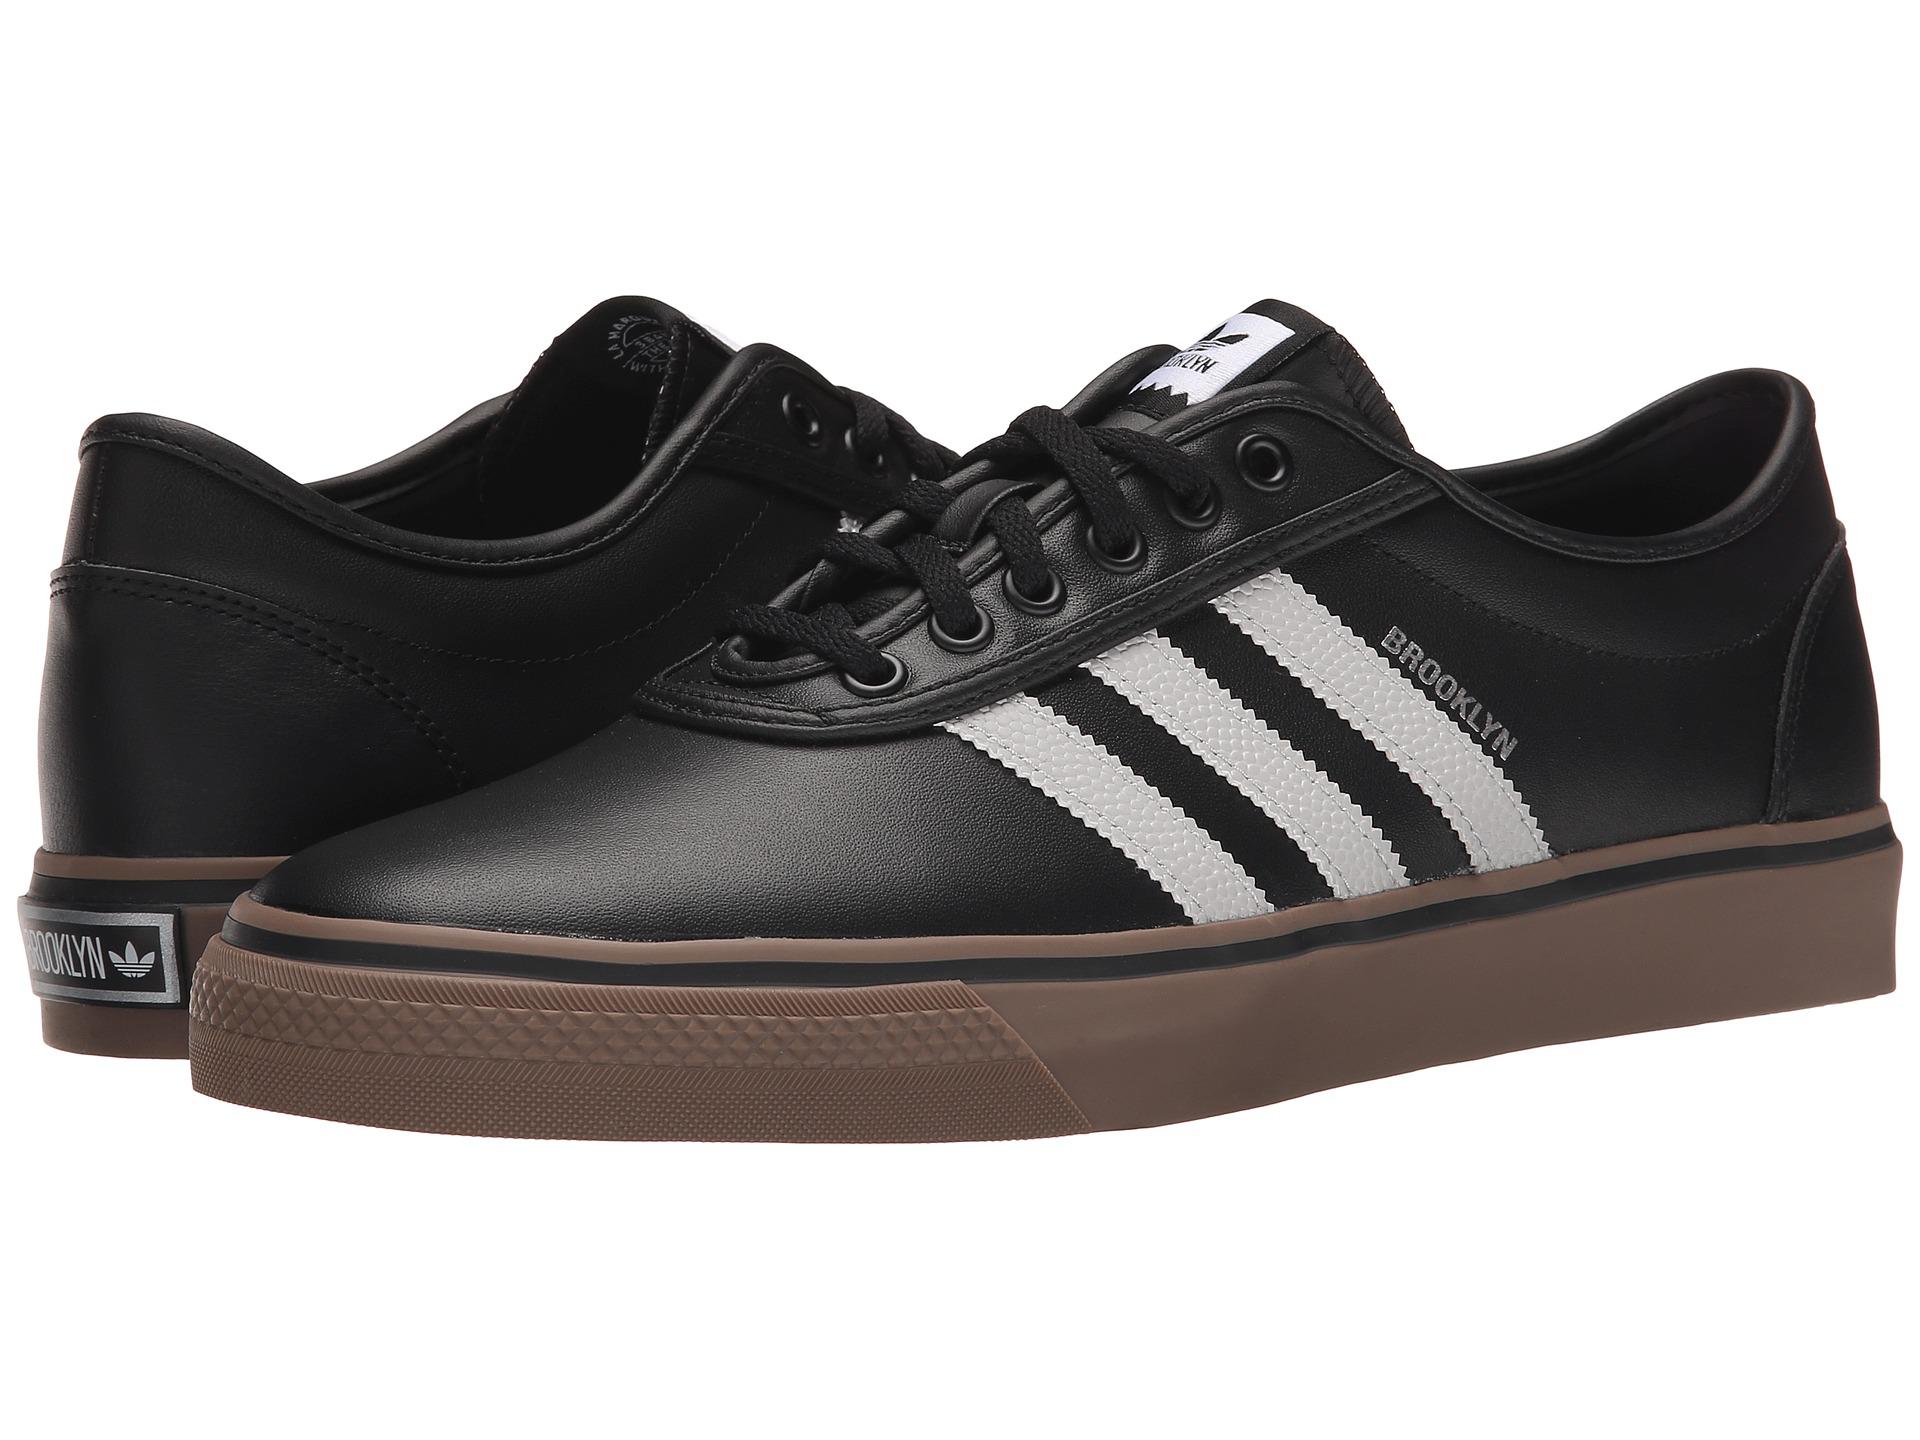 sale retailer 6e09e 7fc23 adidas Skateboarding Adi Ease X NBA